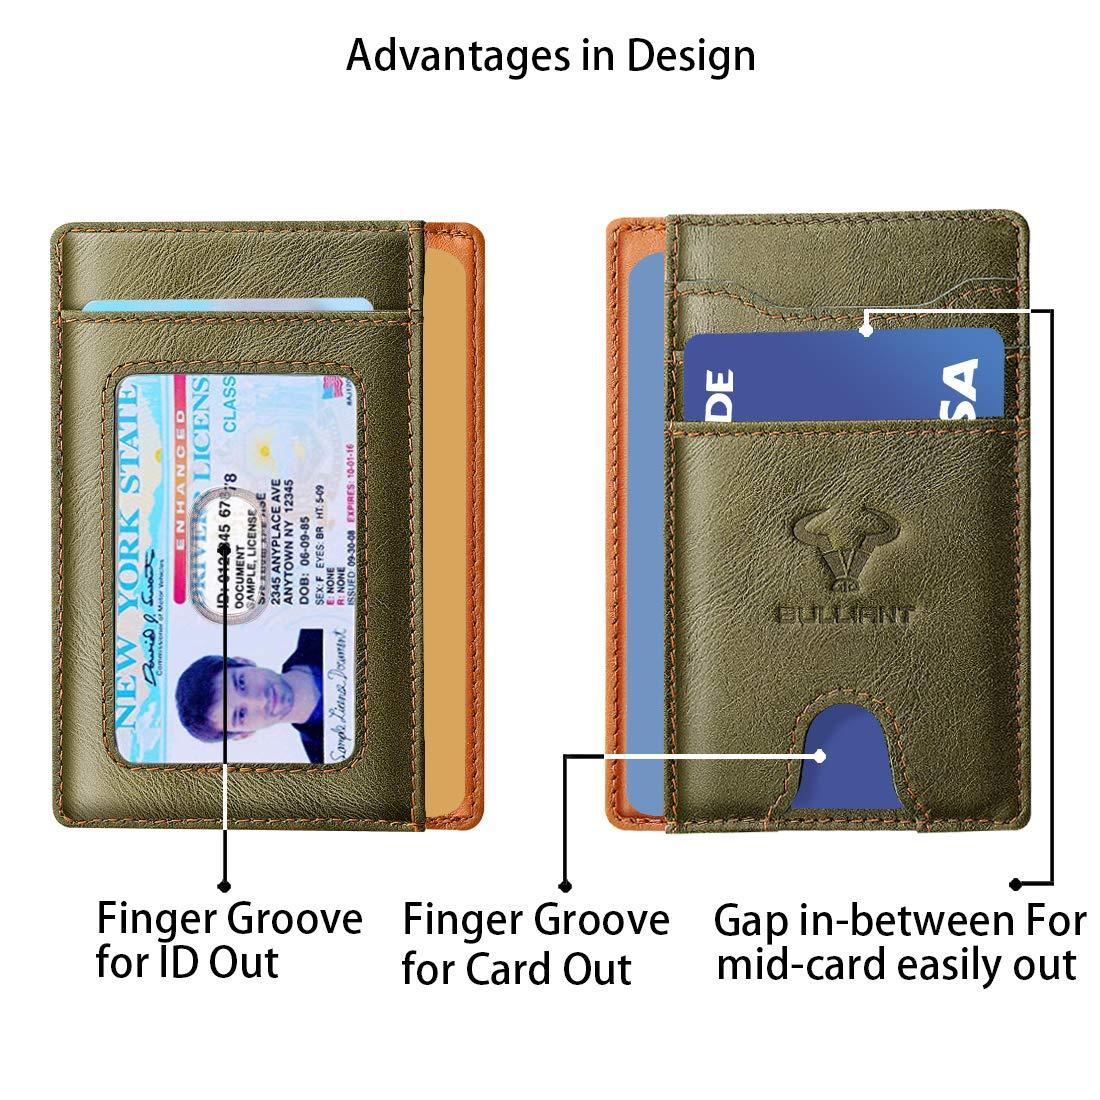 Porte-Cartes De Cr/édit /&Cash-Bulliant Mini Slim Portefeuille en Cuir Homme Femme RFID Blocage